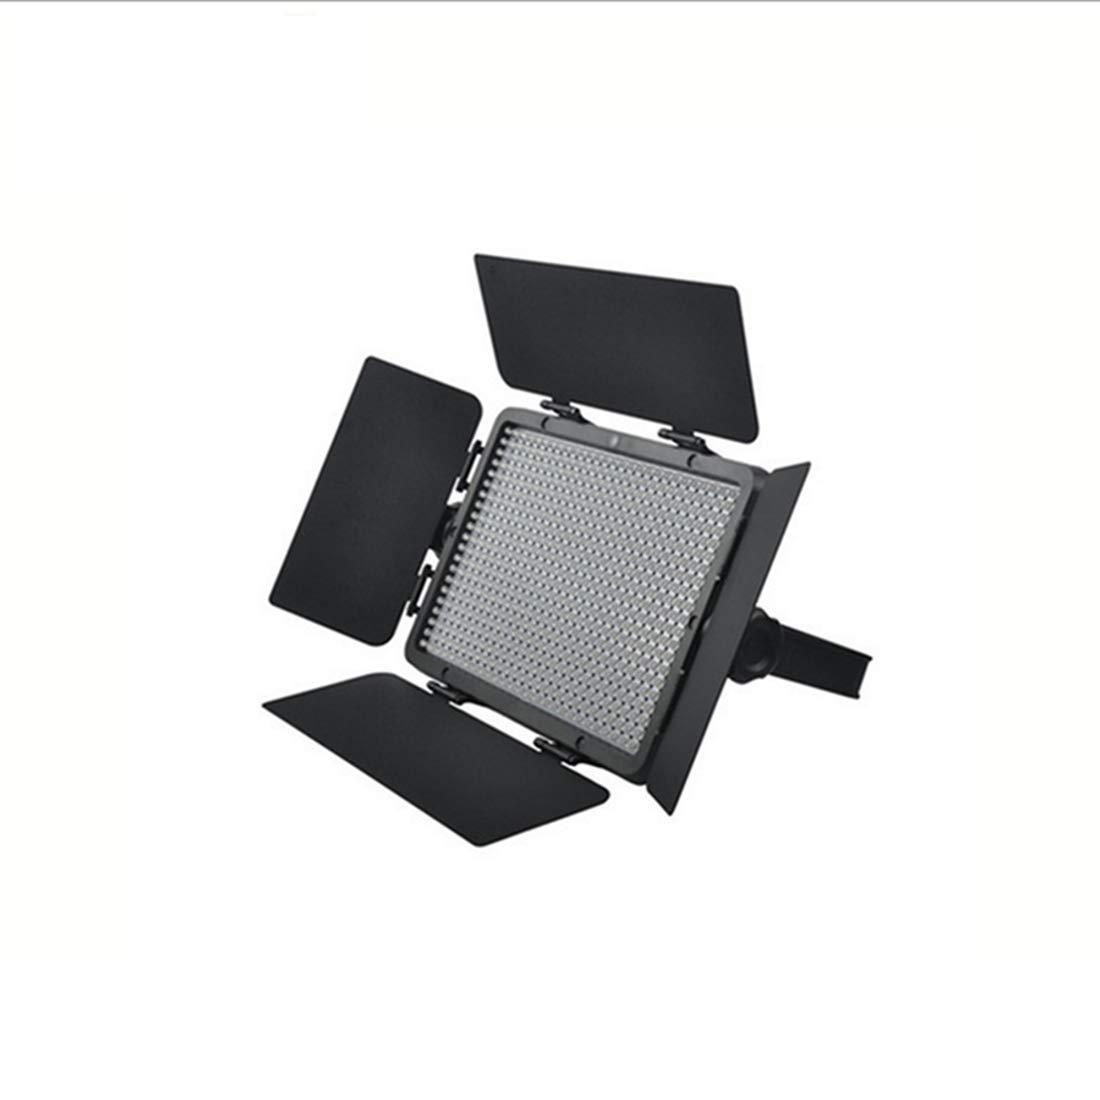 ノウ建材貿易 ニコン、キャノン、ソニーの一眼レフカメラのための写真ライト520 LEDライトウェディング一眼レフカメラフィル光LEDライト (色 : 黒)  黒 B07R3WNVJS